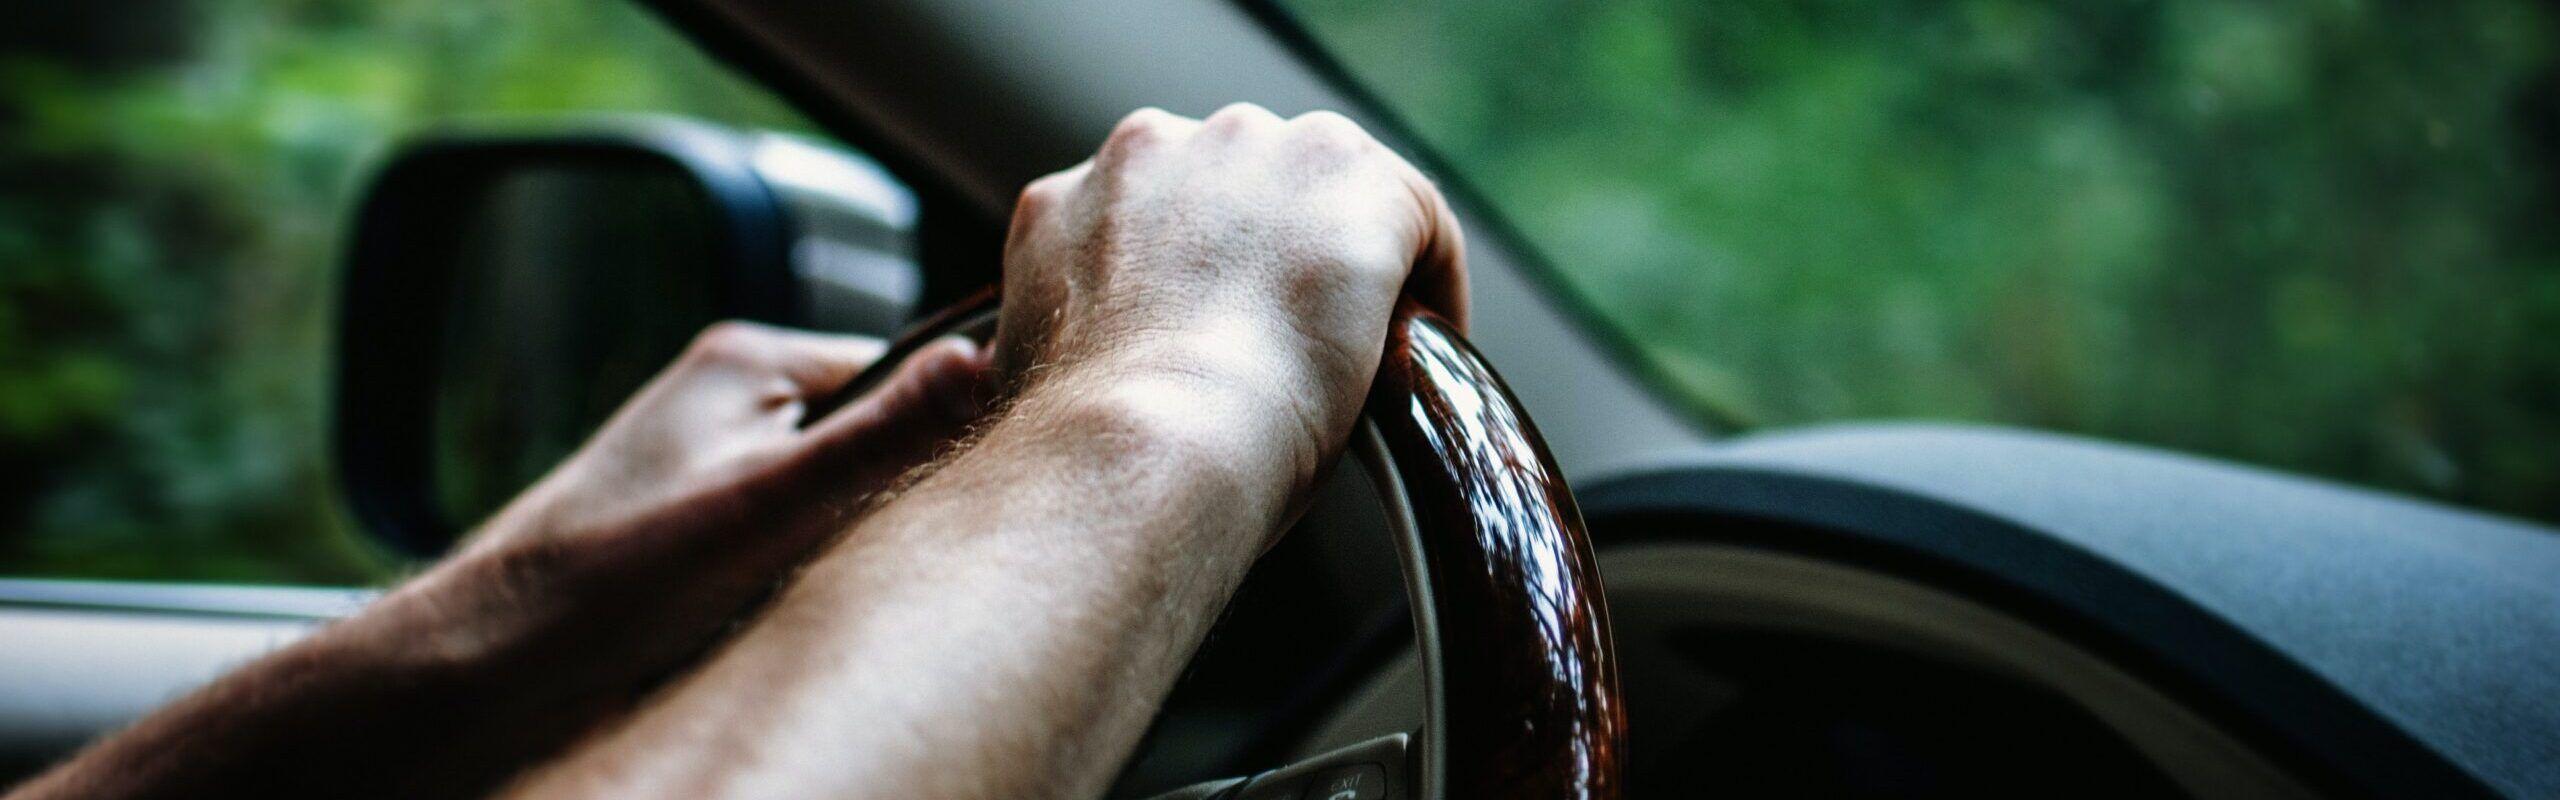 Renovar carnet de conducir caducado